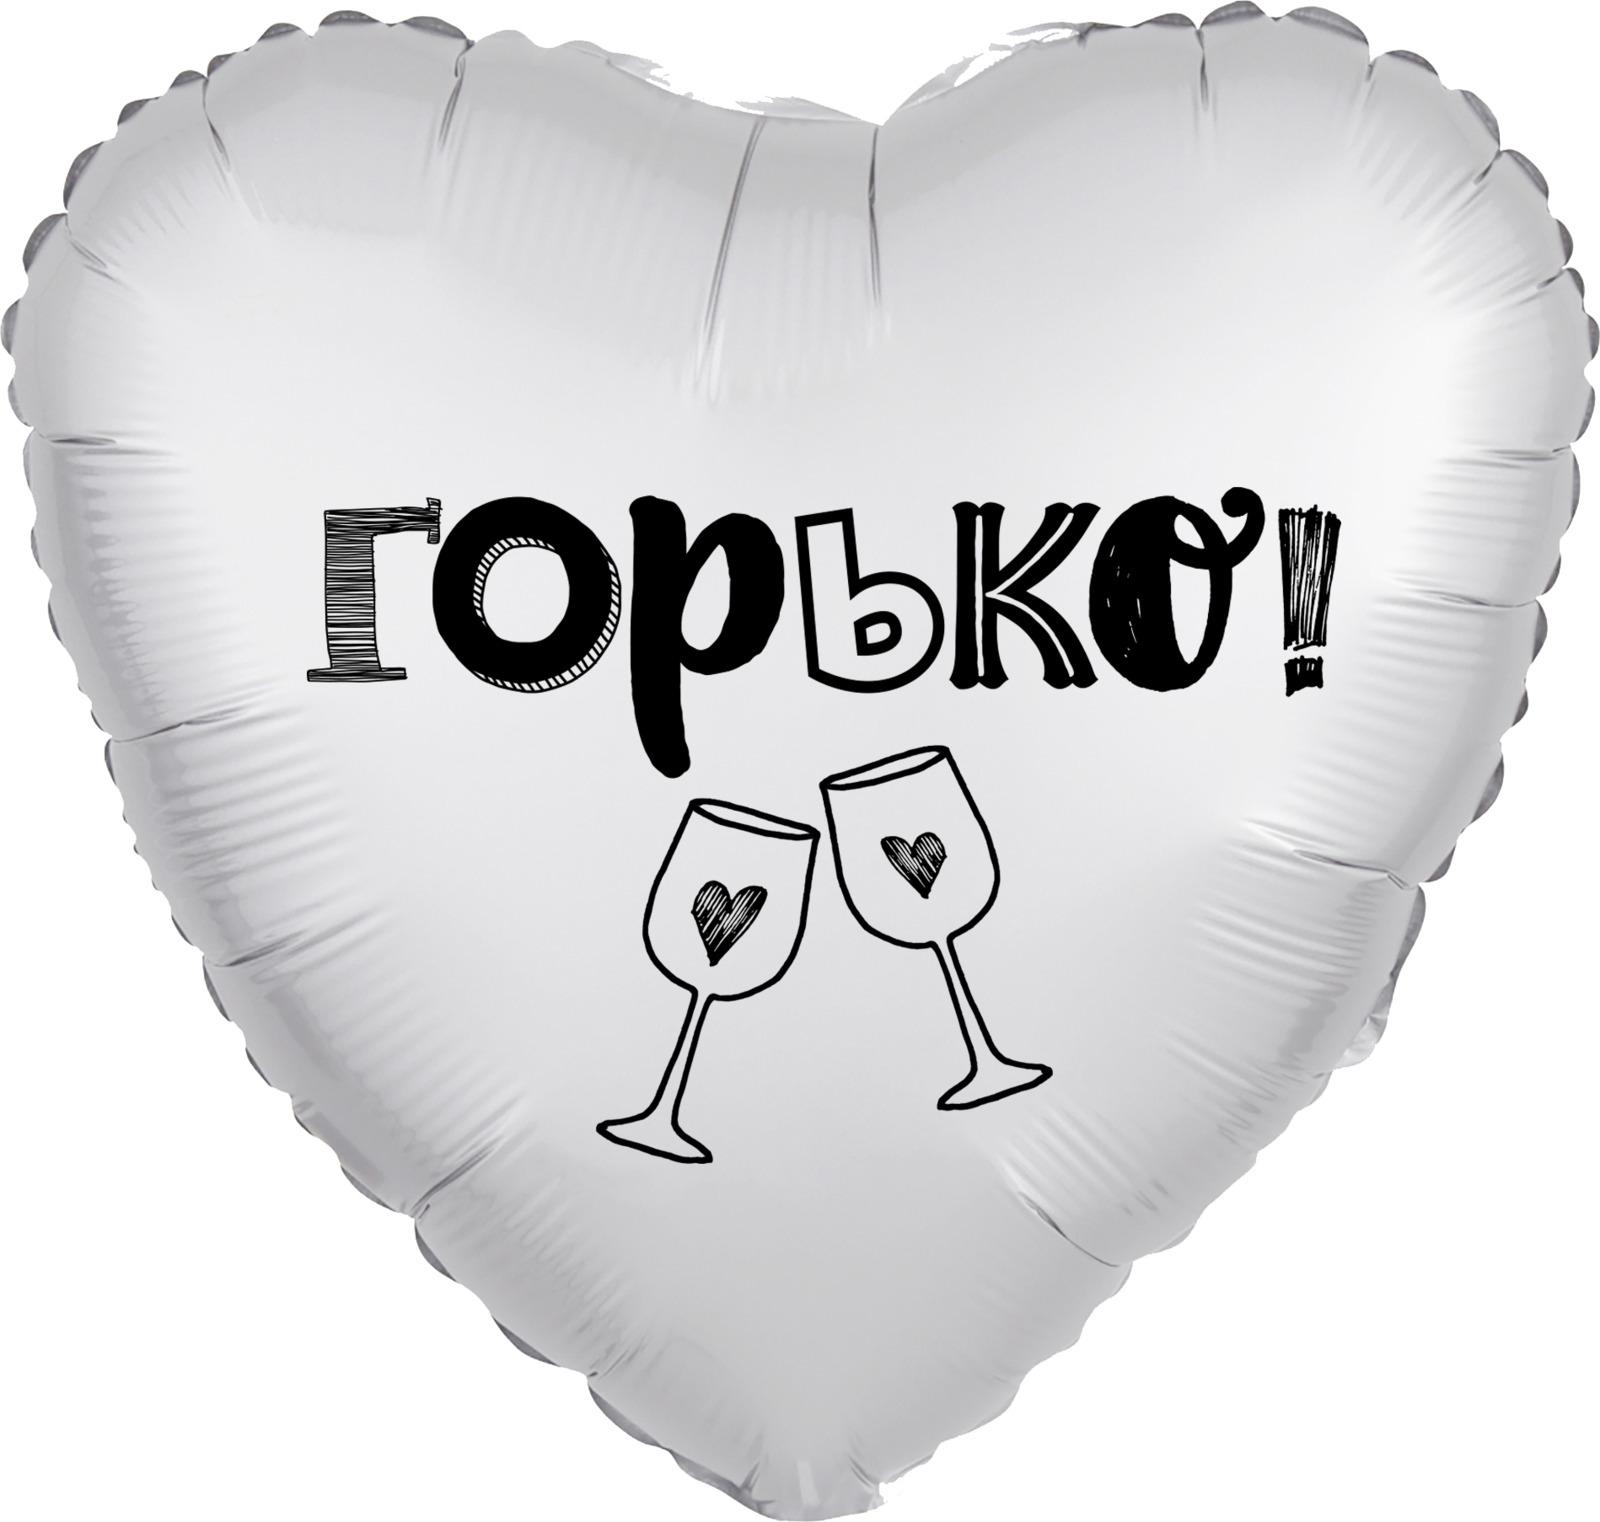 Воздушный шар Agura Miland Горько, 466-5-306-68582-3